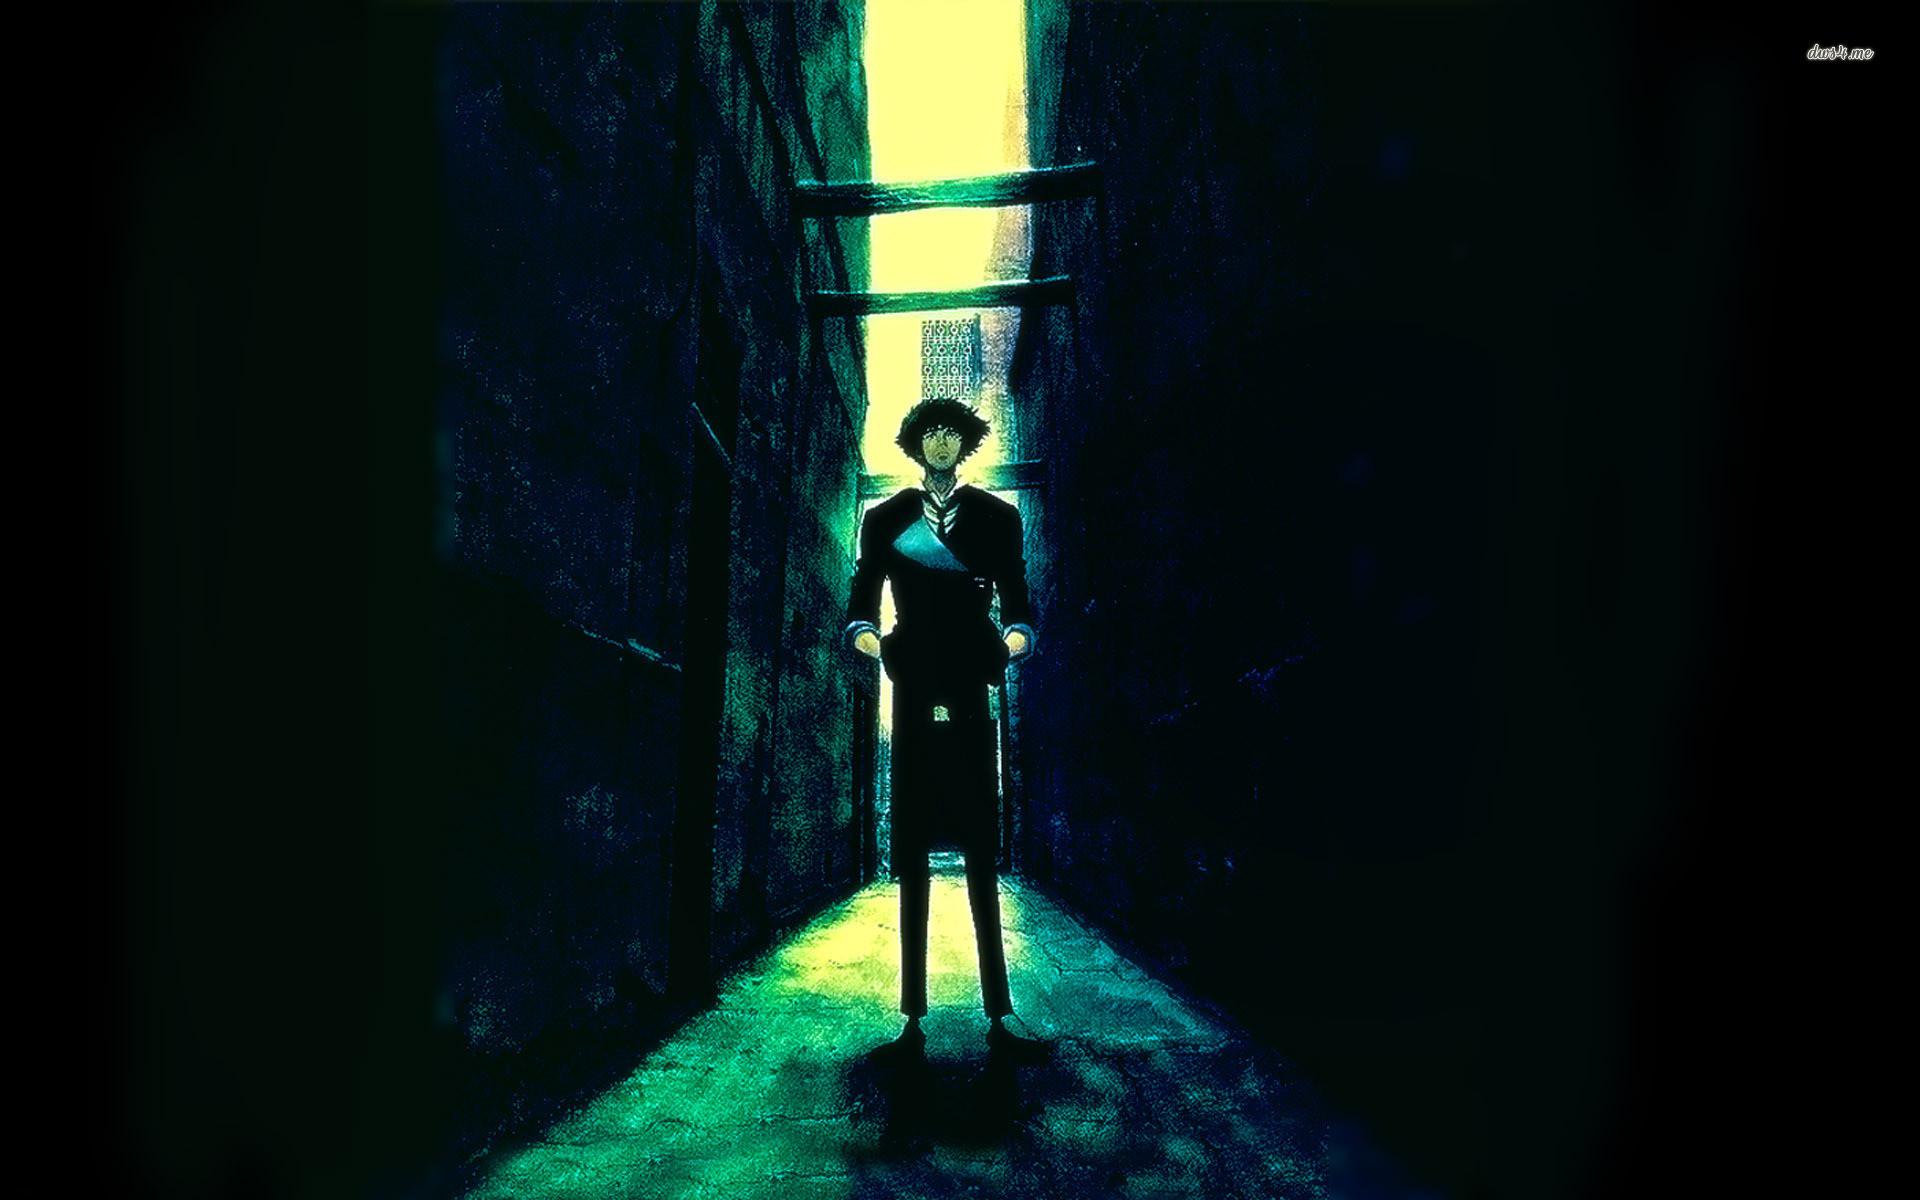 Spike Spiegel | Spike Spiegel – Cowboy Bebop wallpaper – Anime wallpapers –  #7216